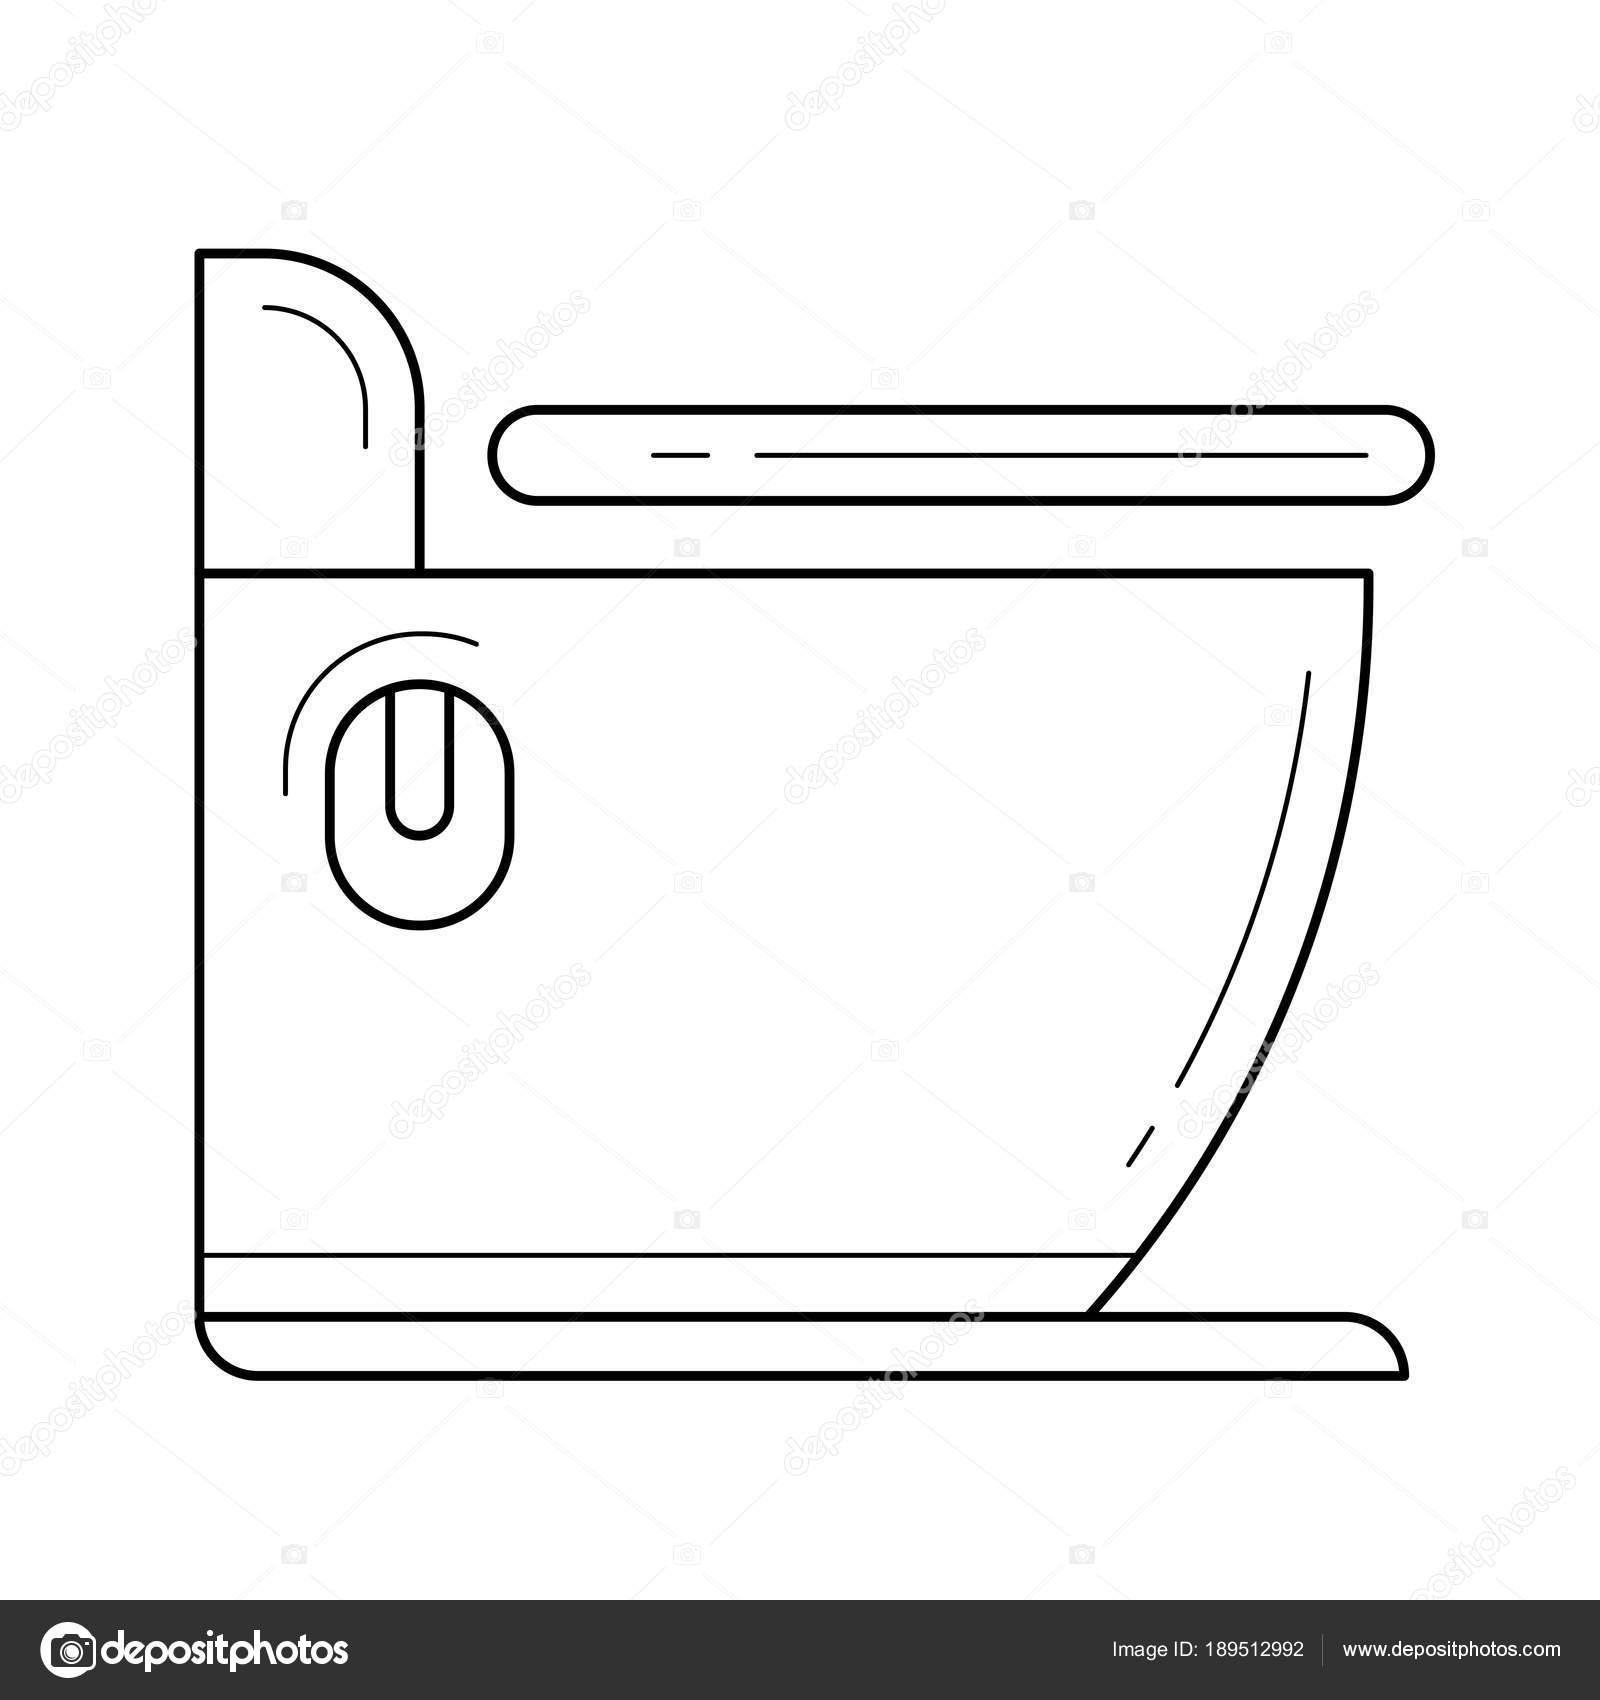 Toilet line icon. — Stock Vector © rastudio #189512992